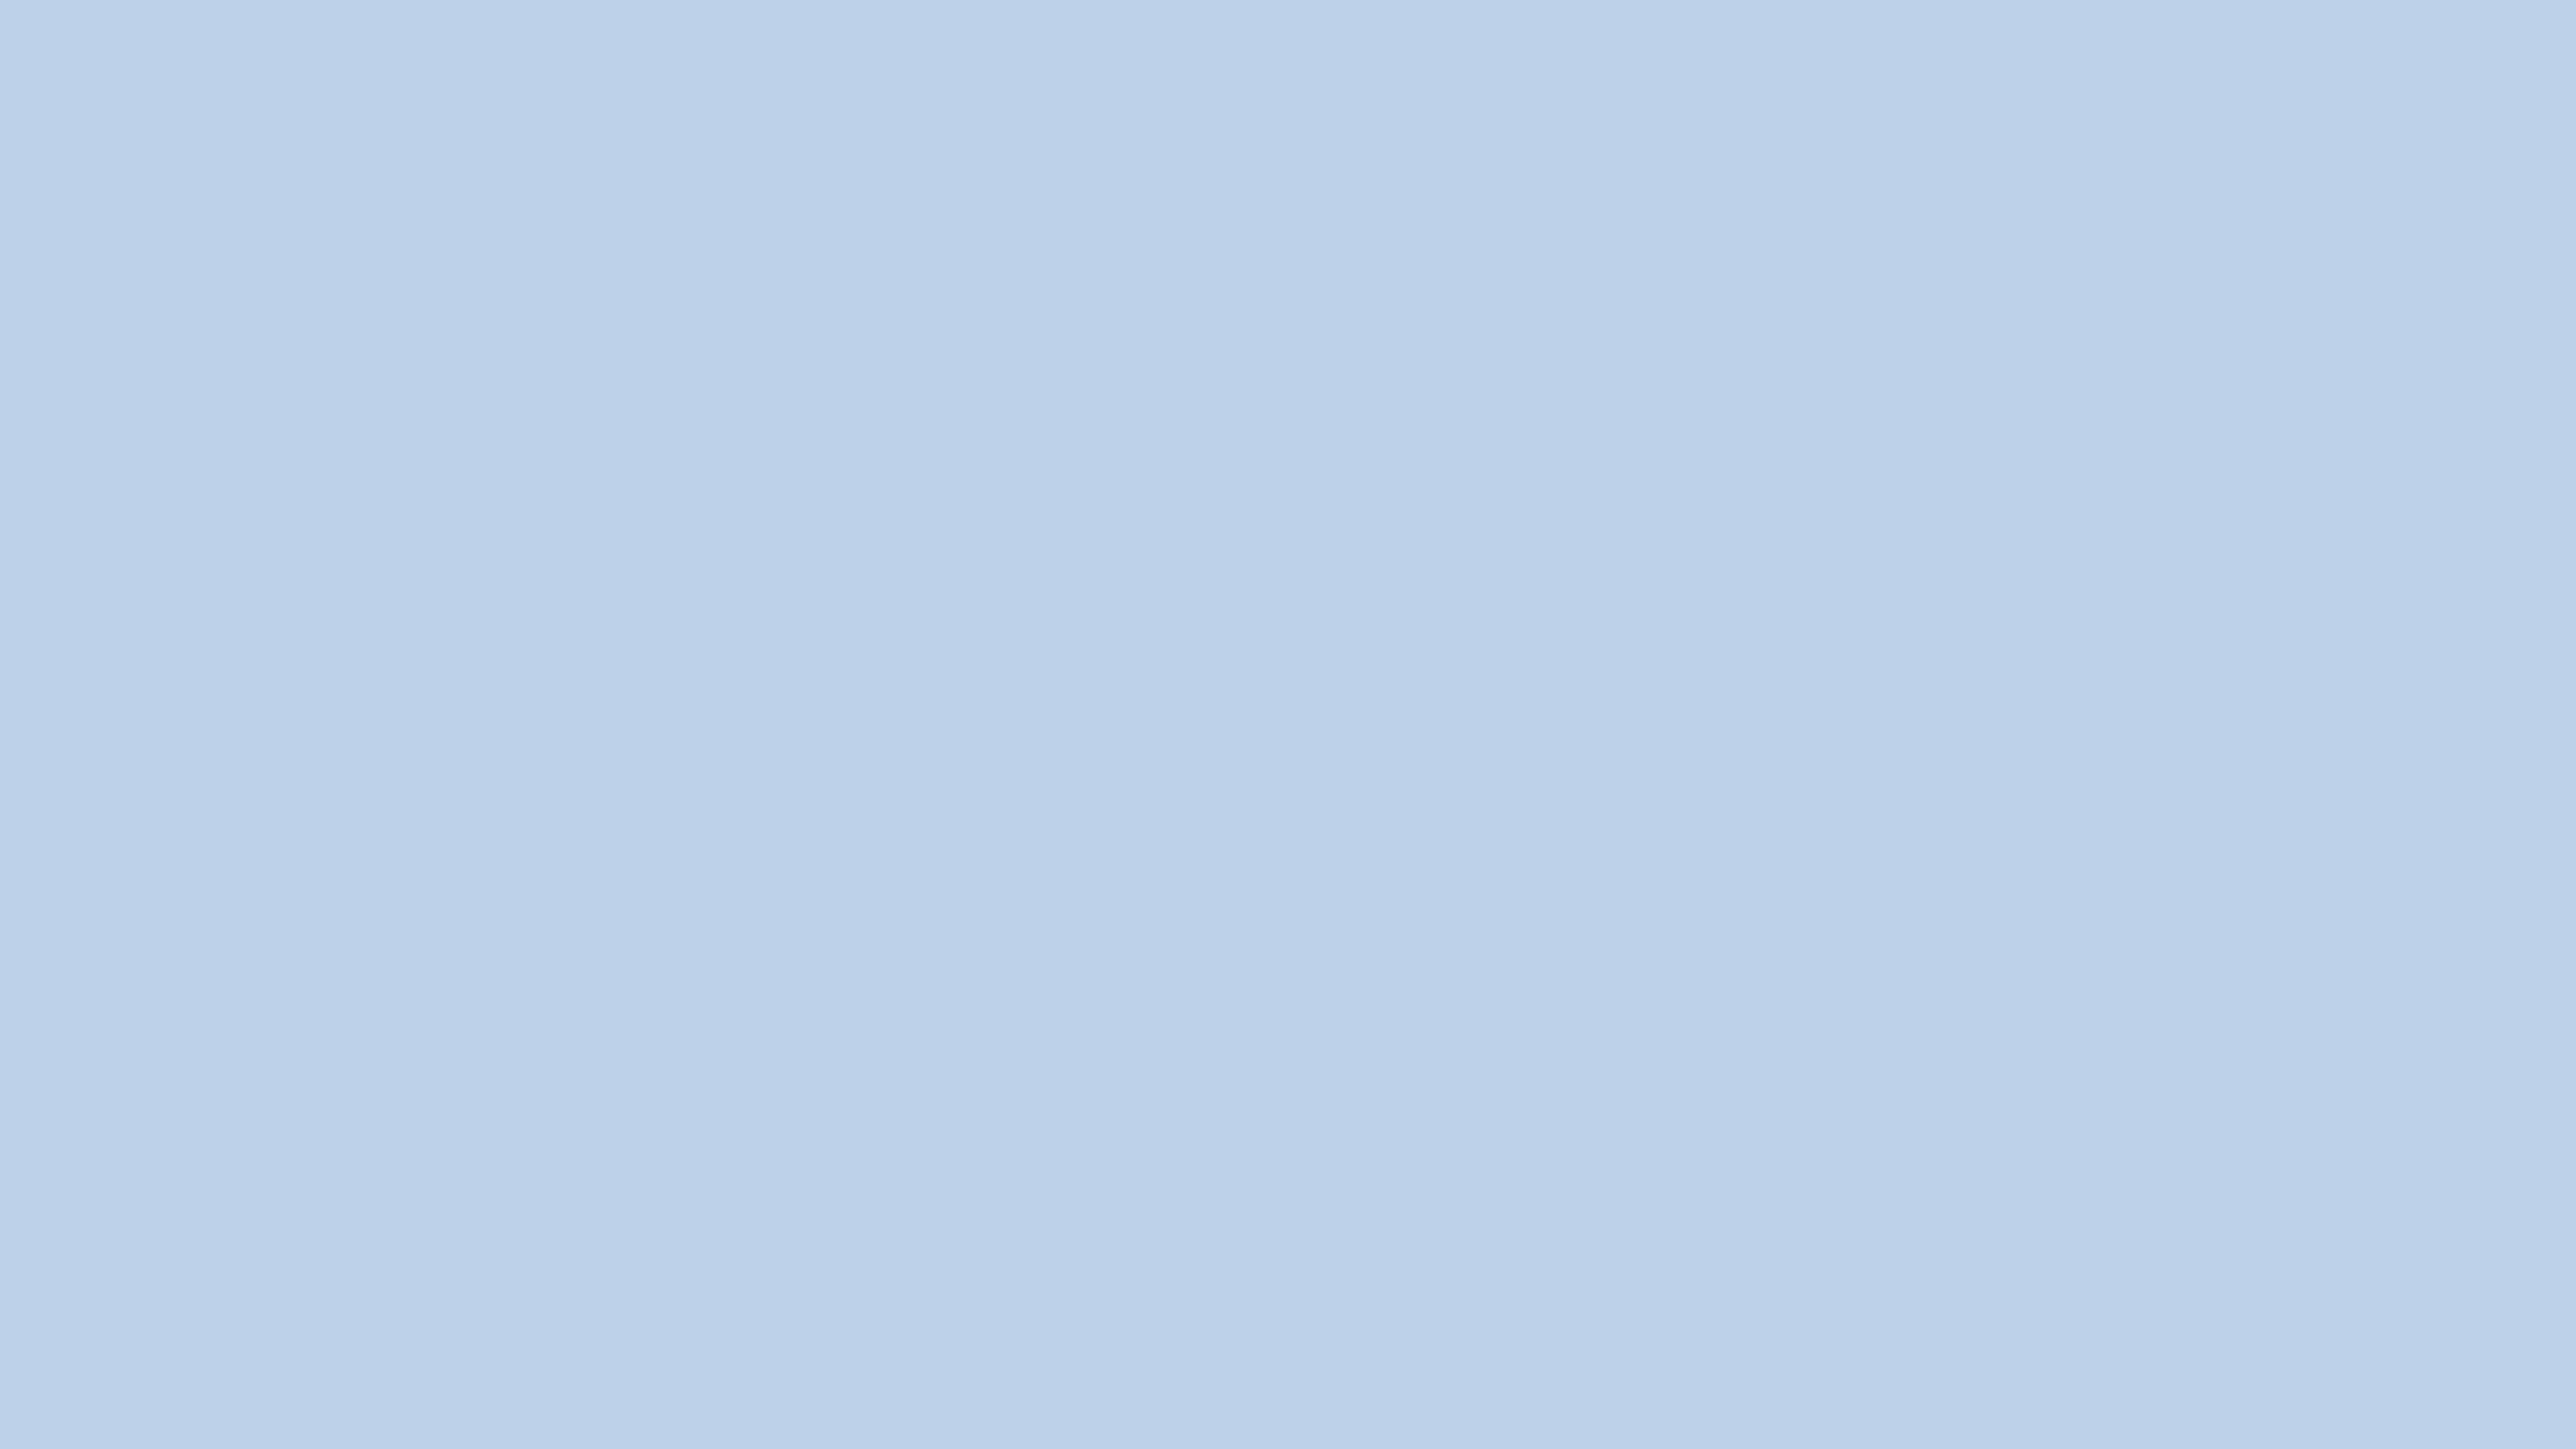 4096x2304 Pale Aqua Solid Color Background